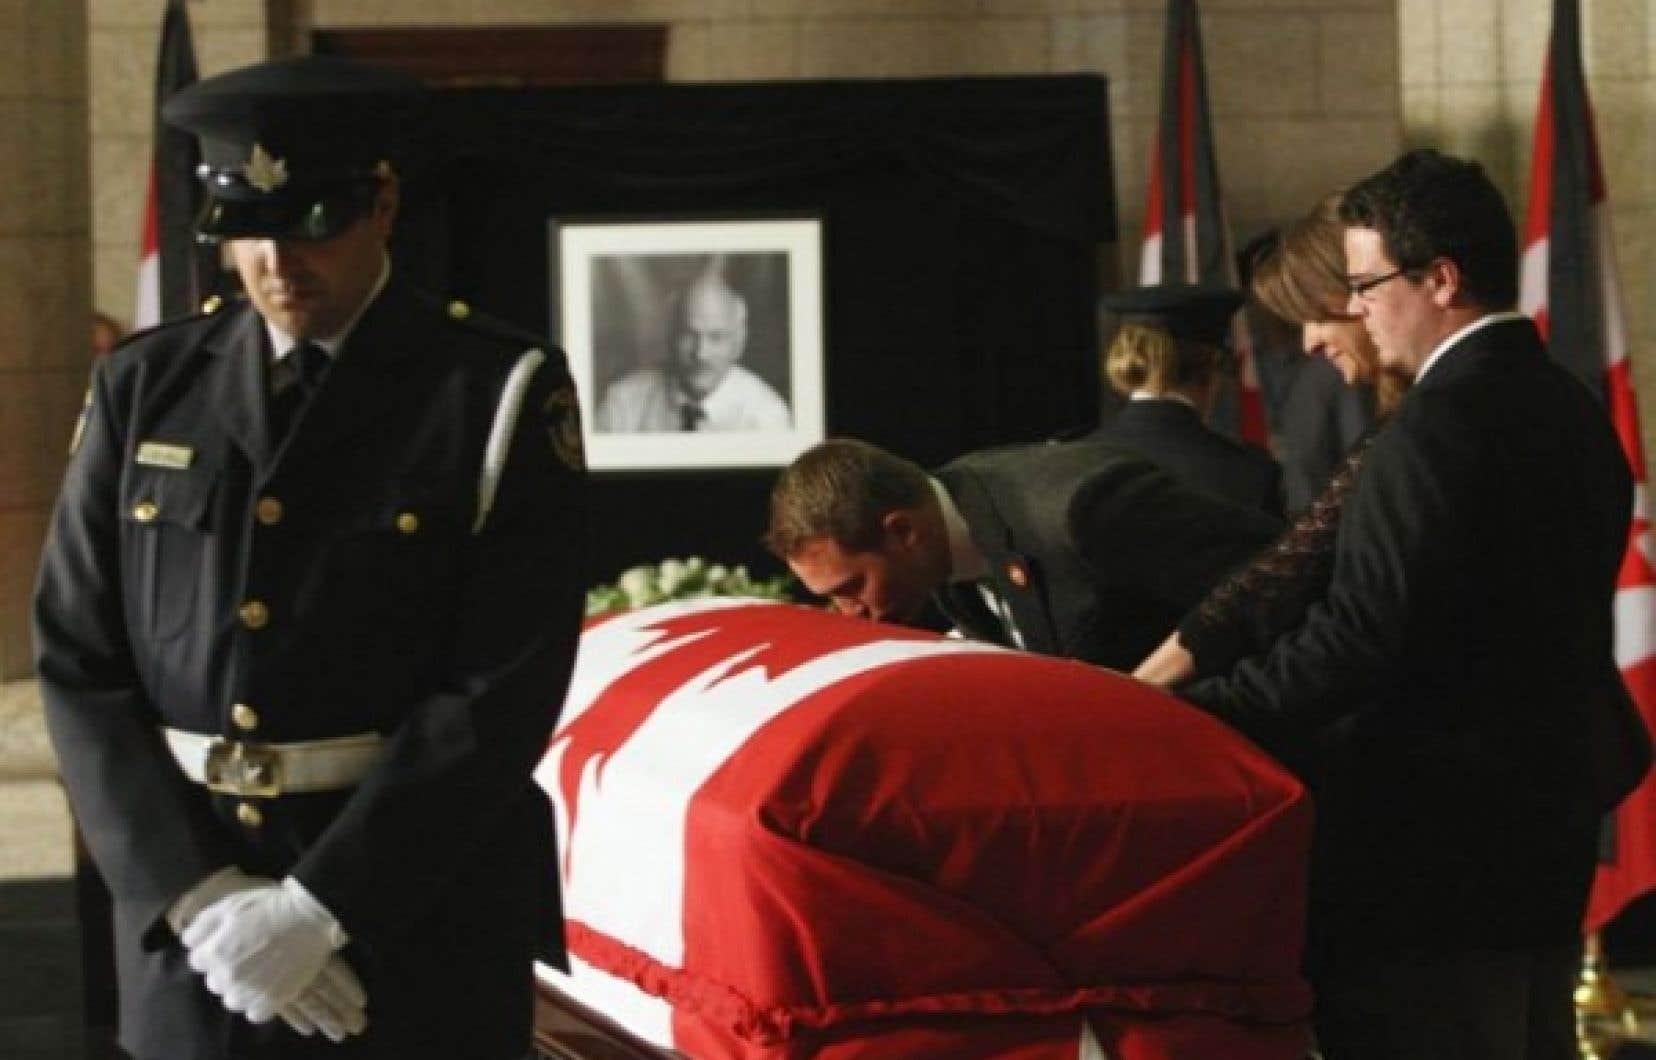 La dépouille de Jack Layton est arrivée sur la colline parlementaire, où elle est exposée afin que ses collègues et le public puissent lui rendre un dernier hommage.